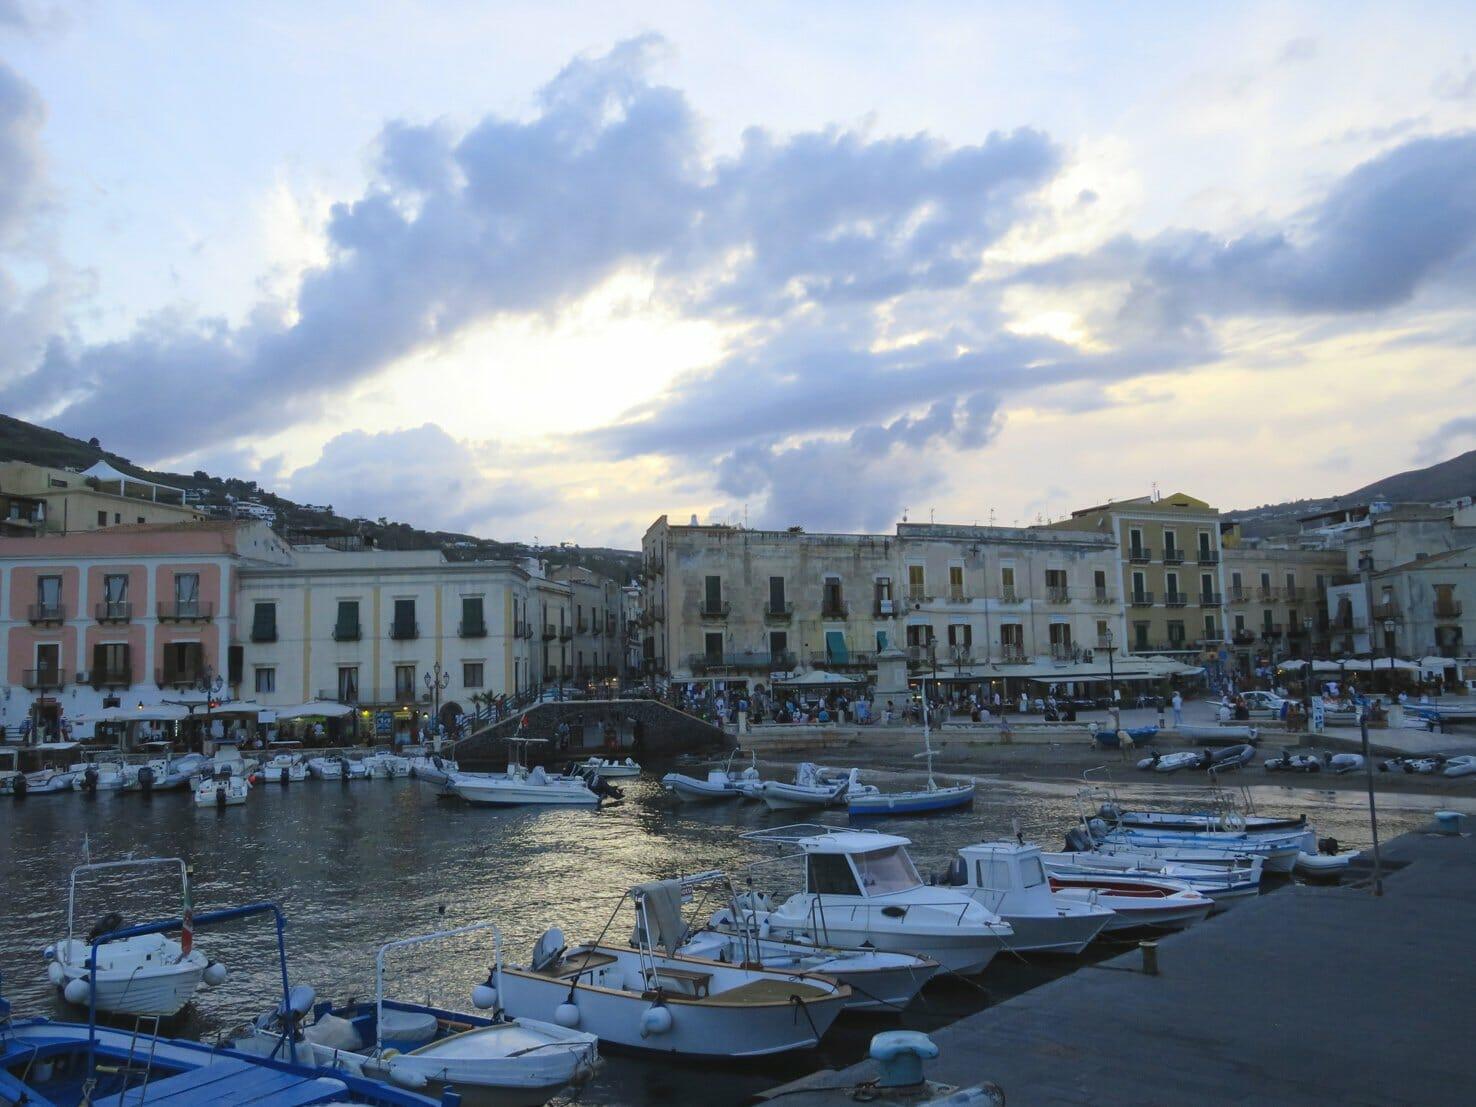 Marina Corta in Lipari Sicily - things to do in Lipari